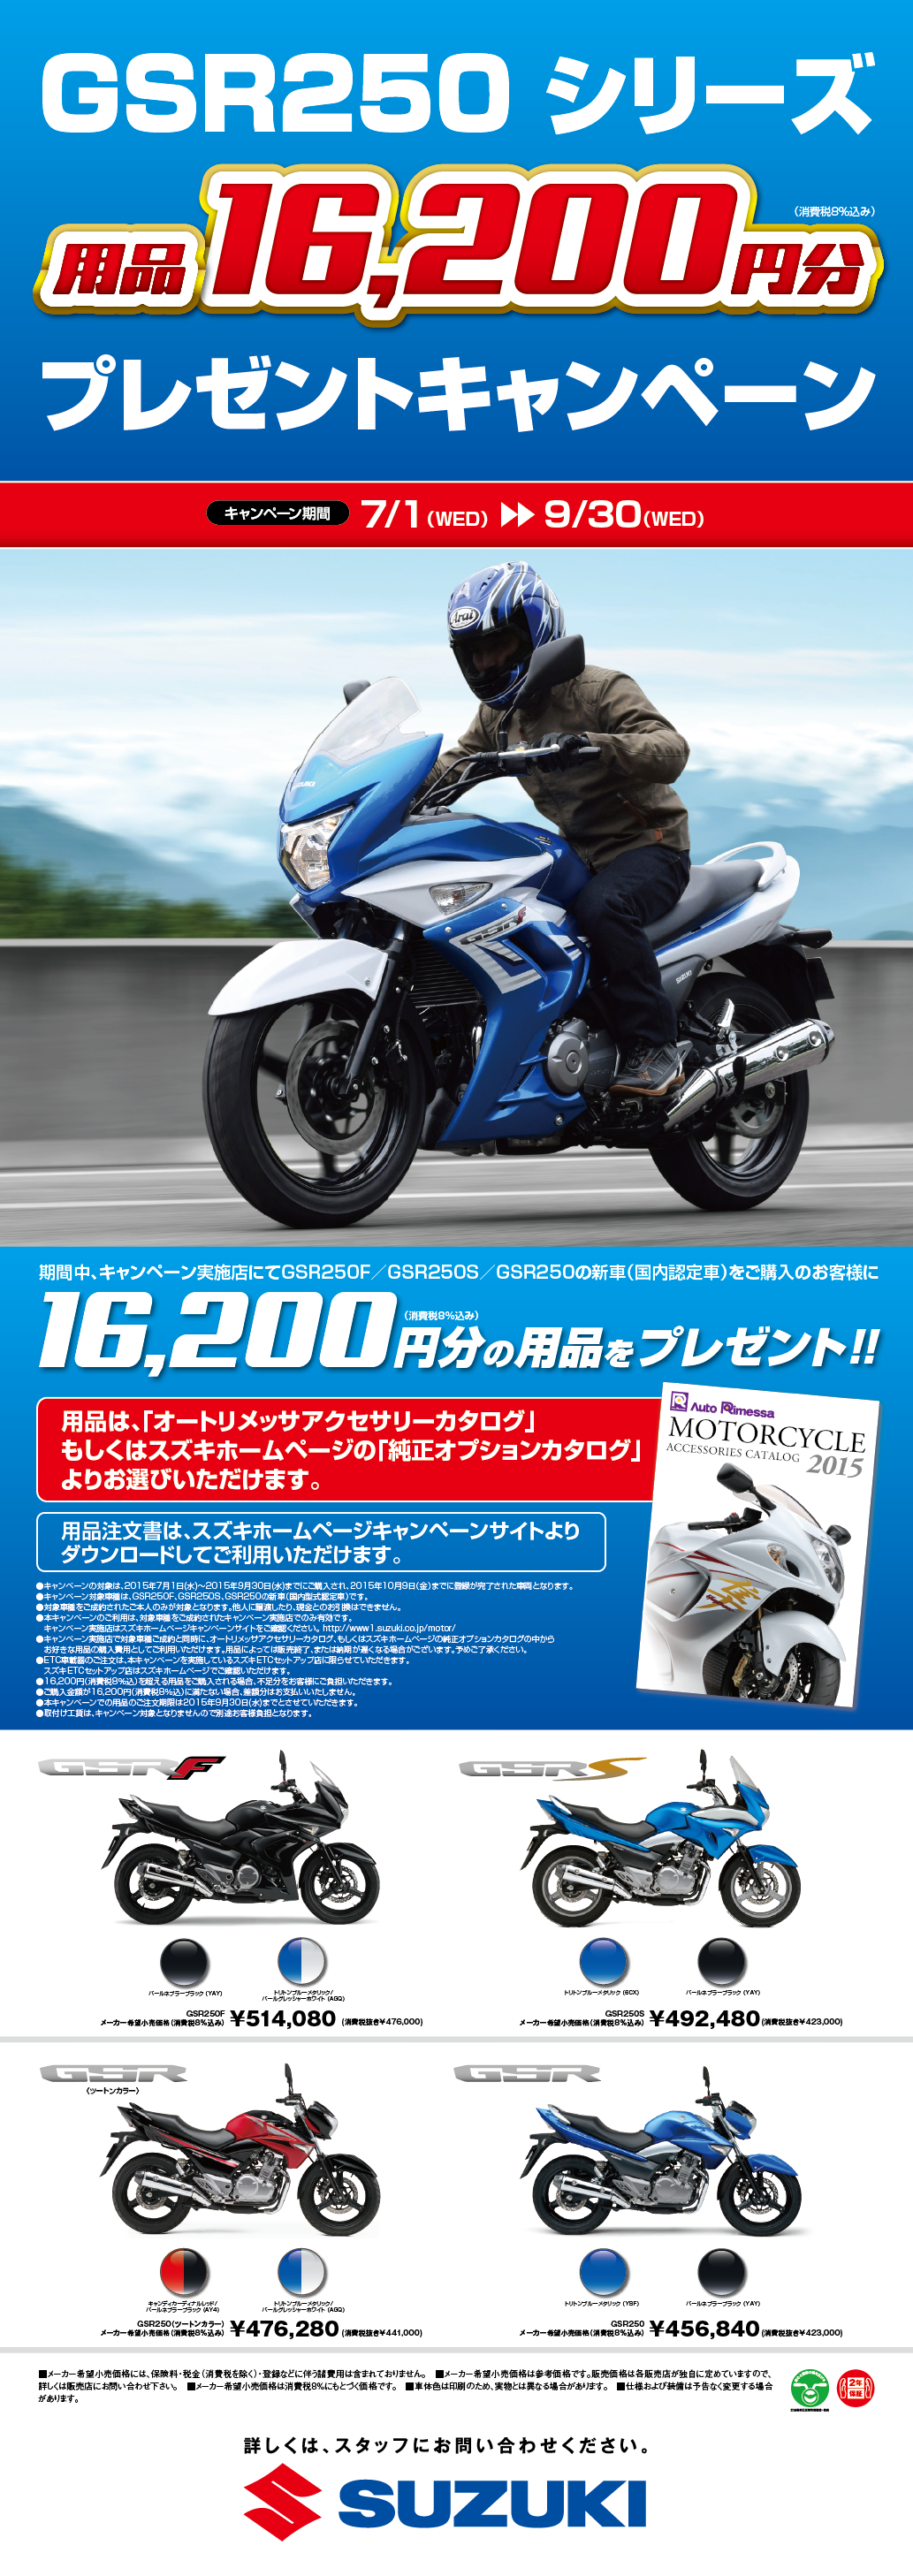 GSR250シリーズ_キャンペーン_ストリーマー-01 - コピー